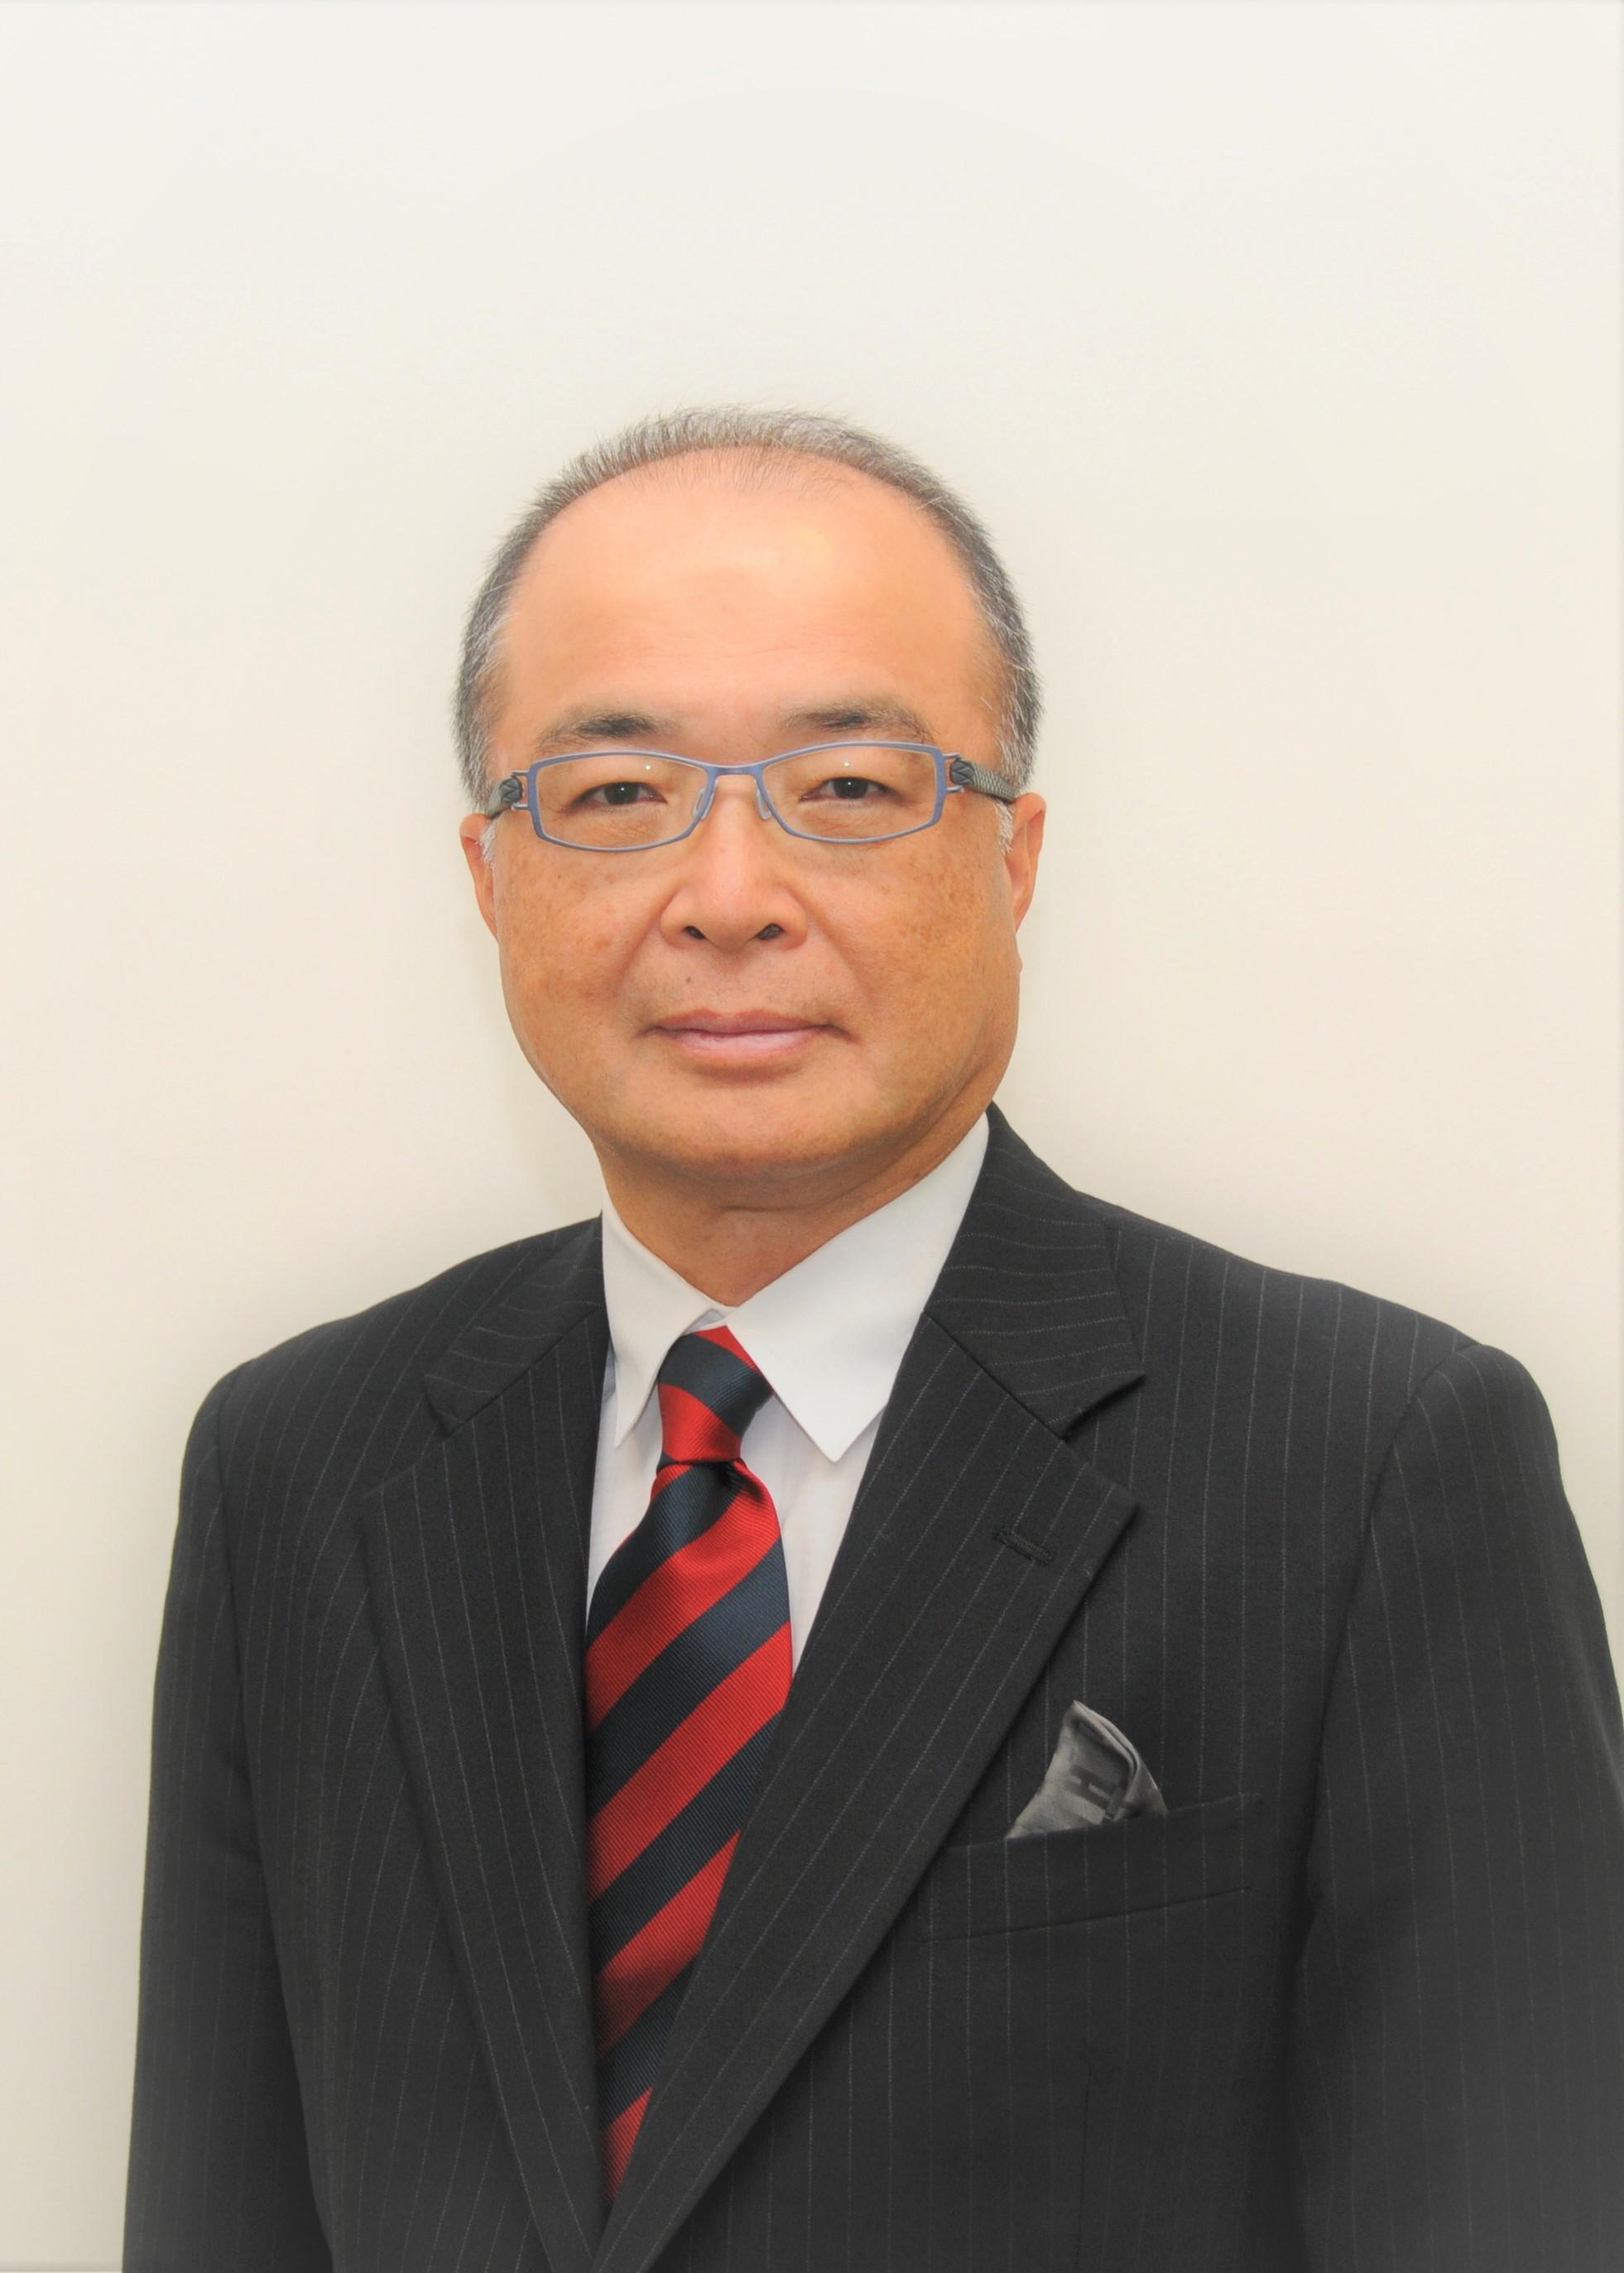 慶応義塾大学名誉教授 四津良平